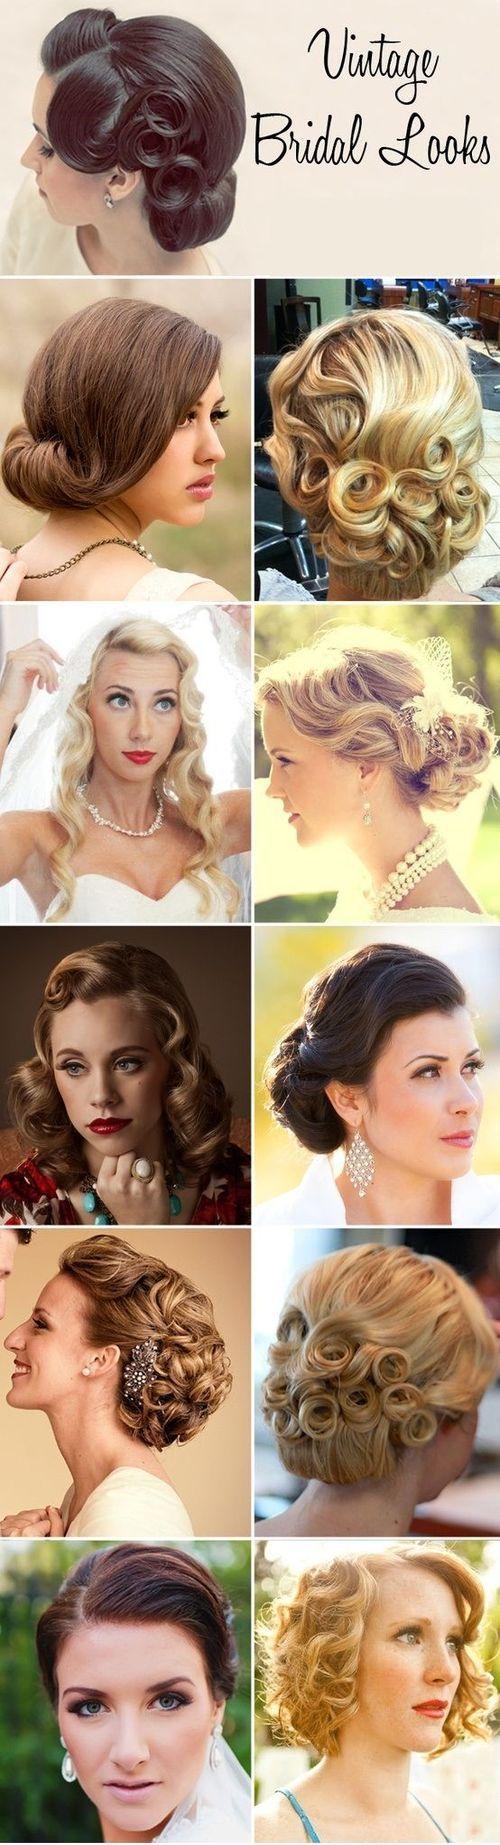 Vintage bridal hair styles.